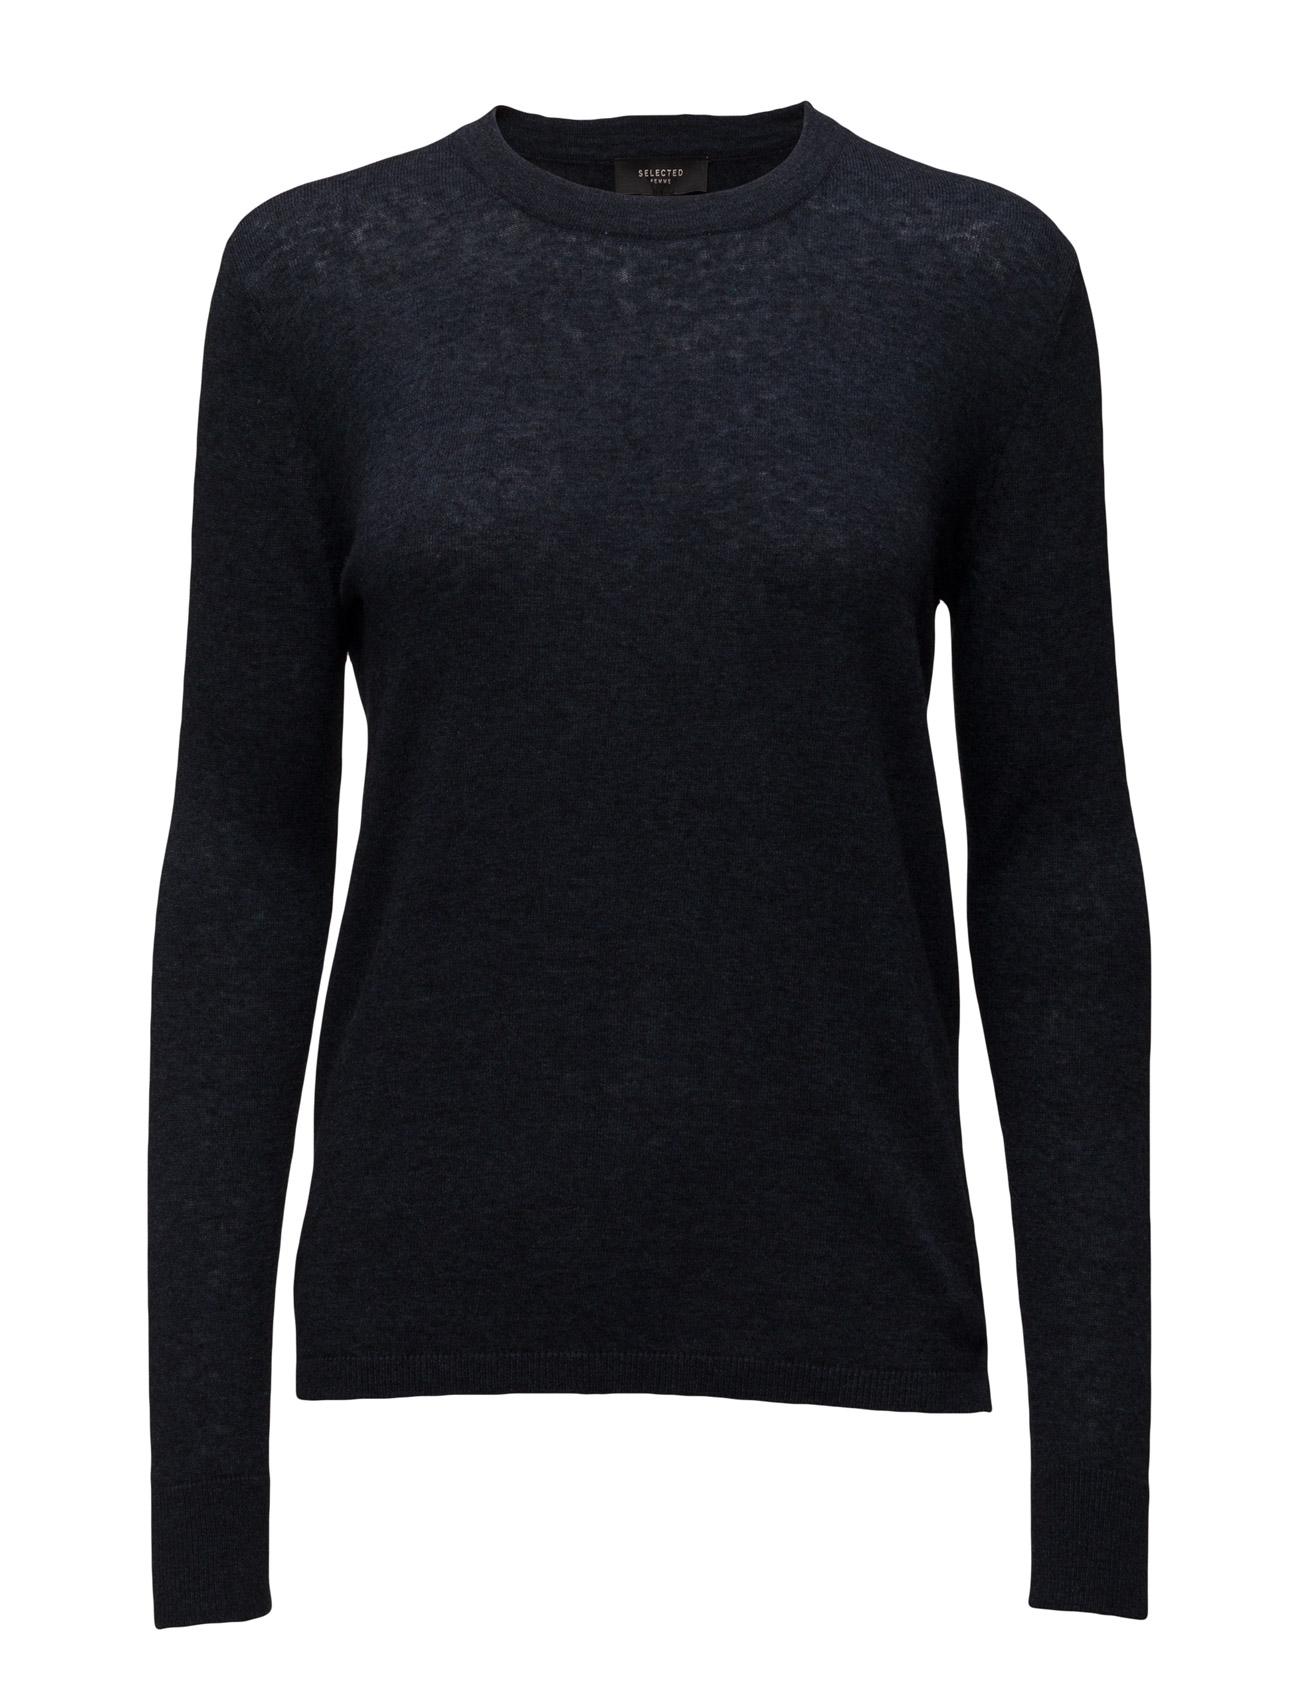 Sfmaia Ls Knit Pullover Noos Selected Femme Sweatshirts til Kvinder i Mørk grå